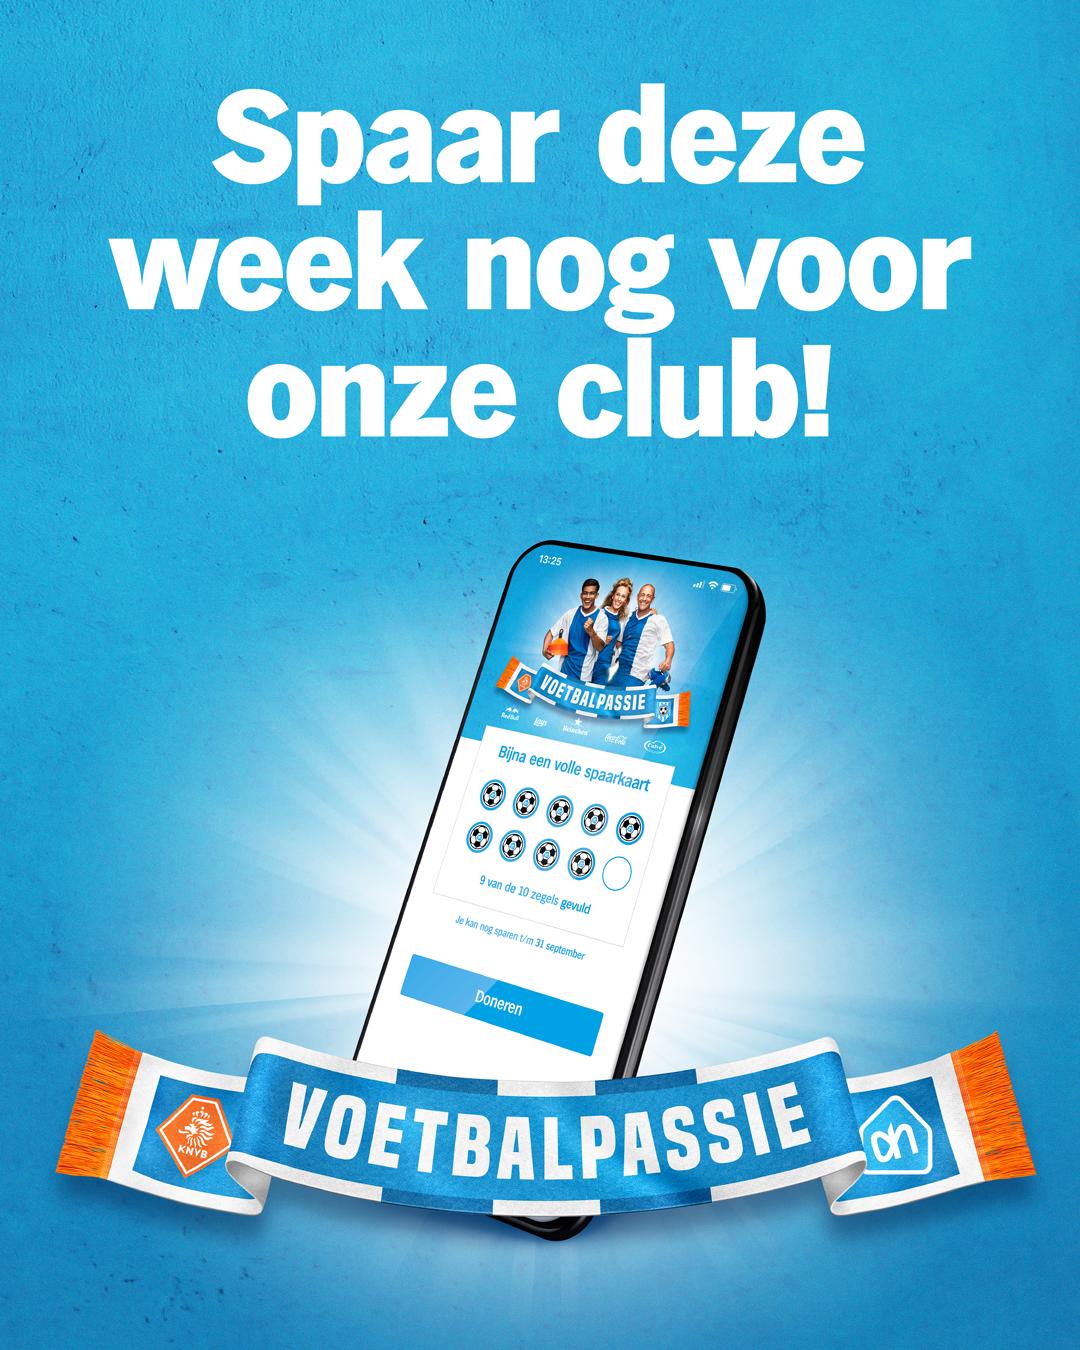 Spaar deze week nog voor onze club!